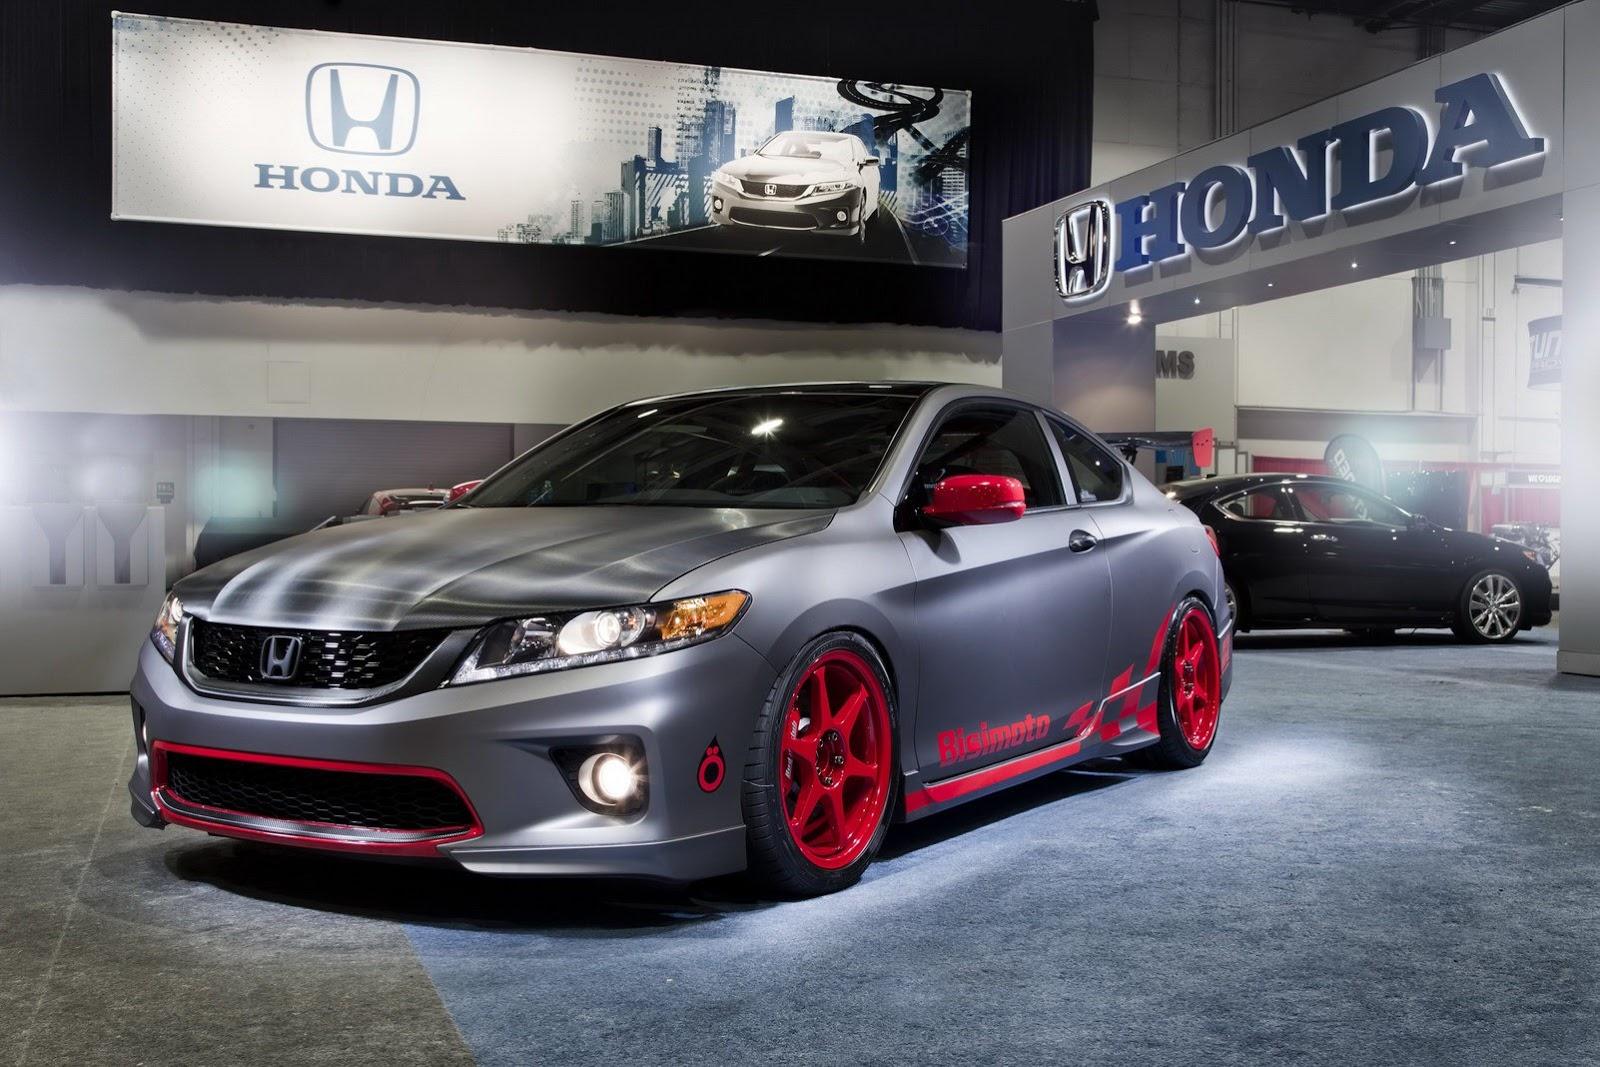 2013 Honda Accord Coupe By Bisimoto Debuts At 2012 Sema